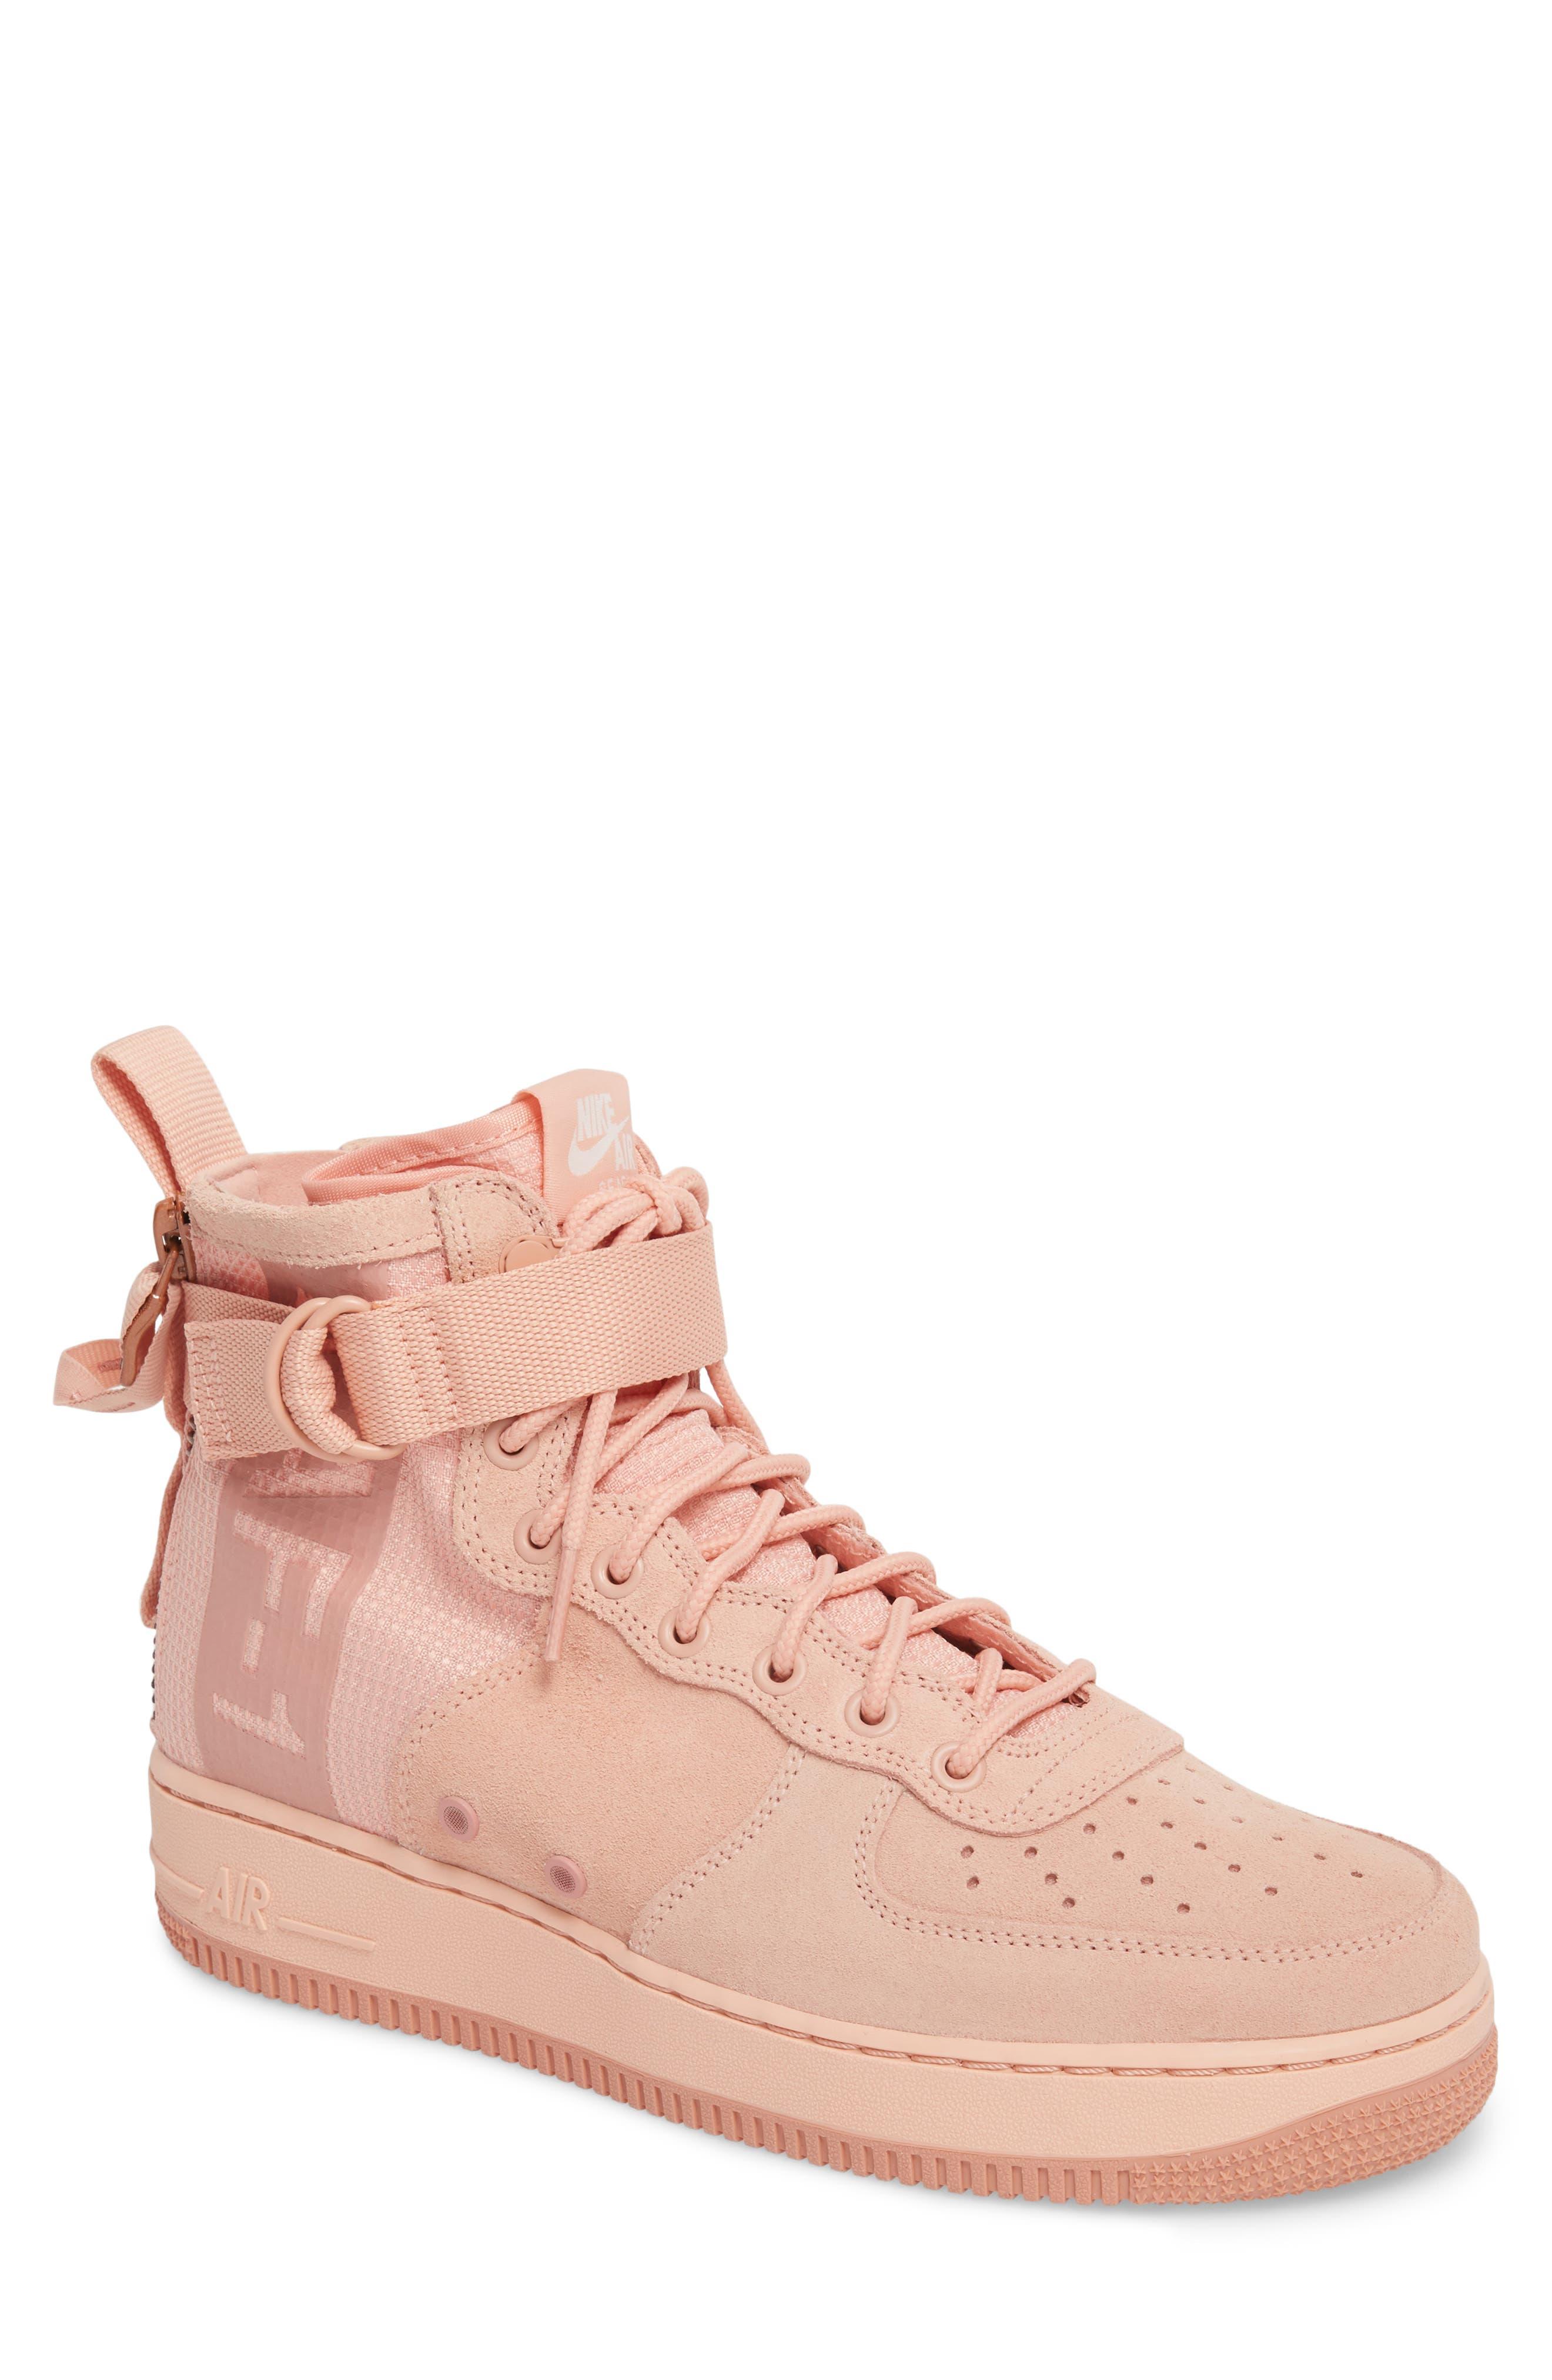 Nike SF Air Force 1 Mid Suede Sneaker (Men)